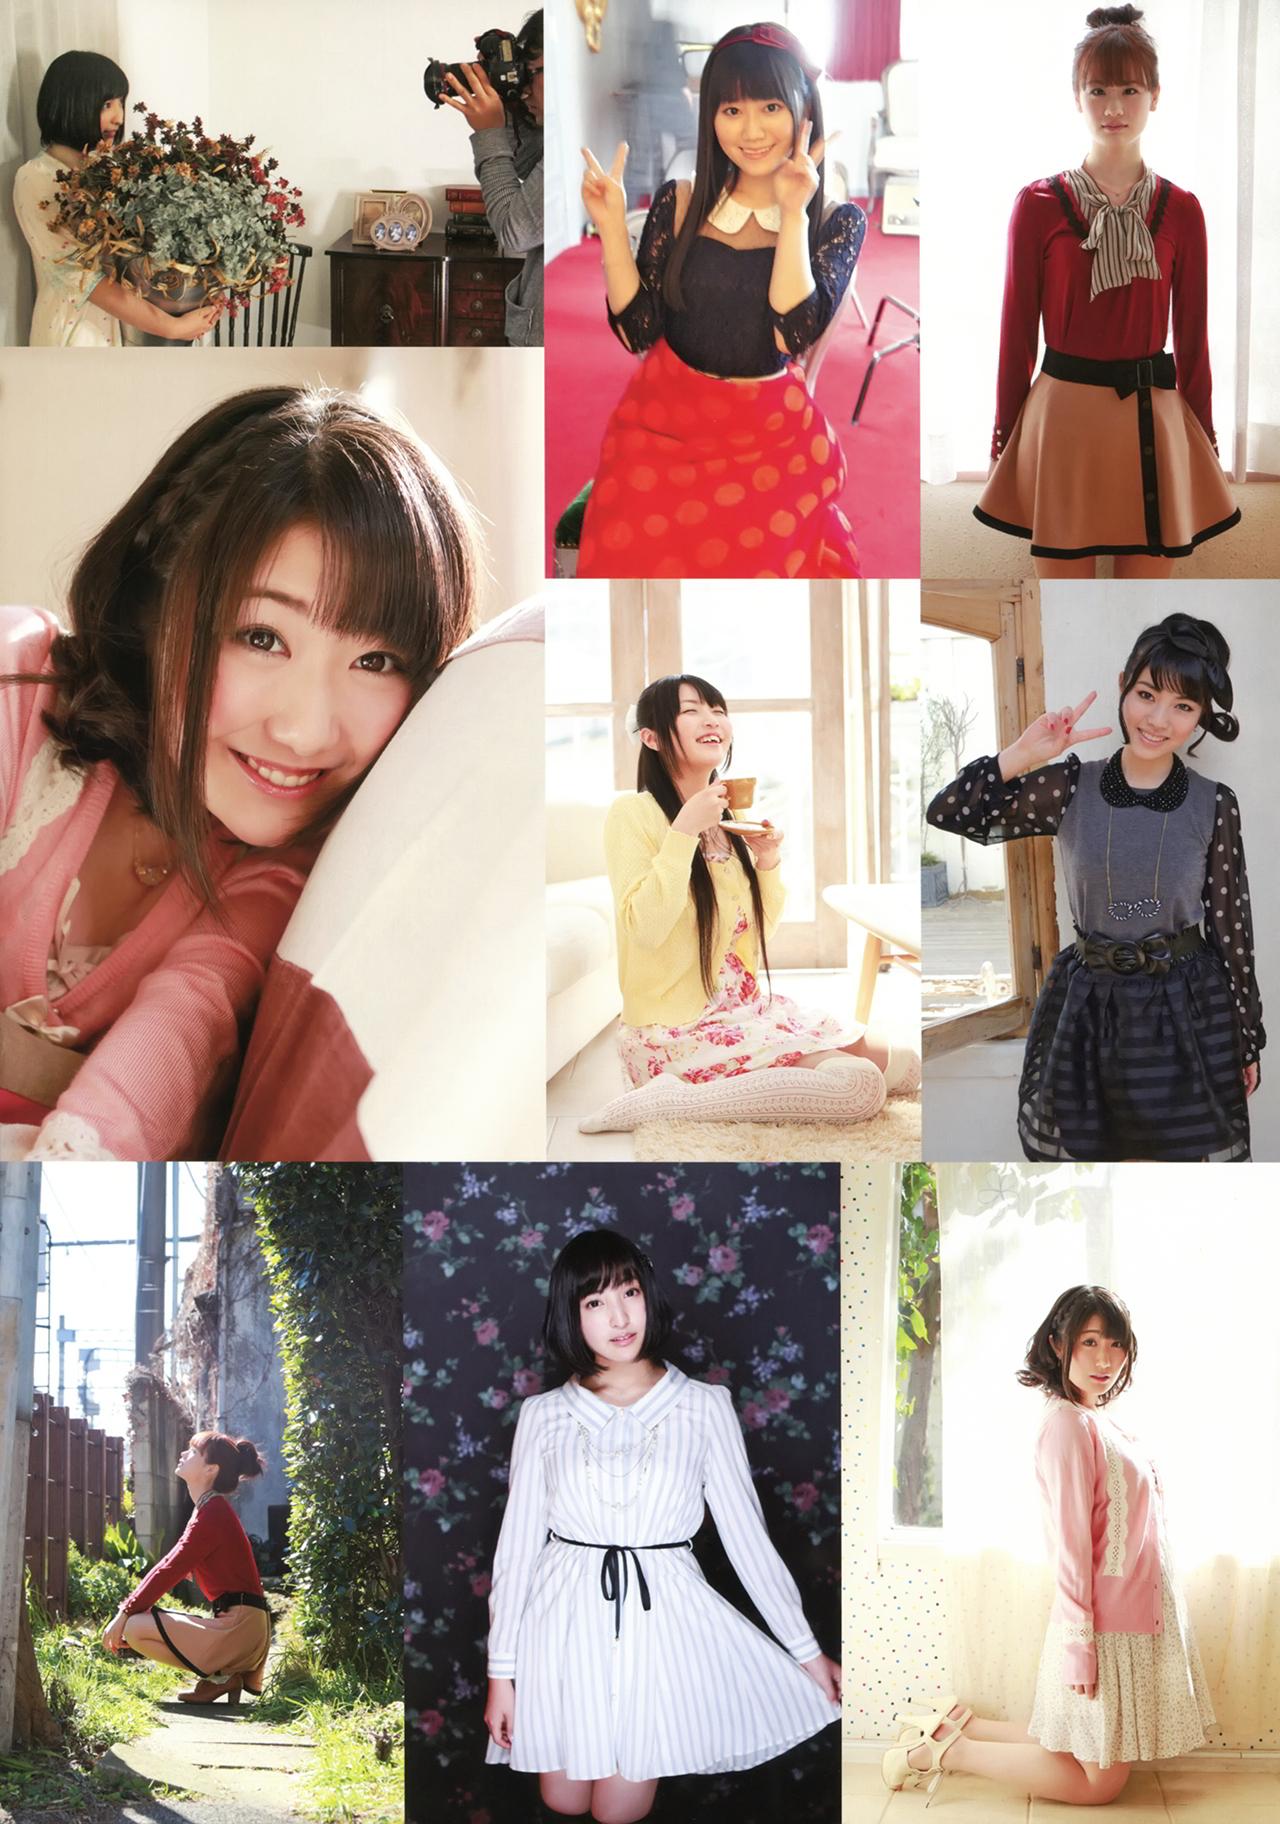 hidaka_rina086.jpg